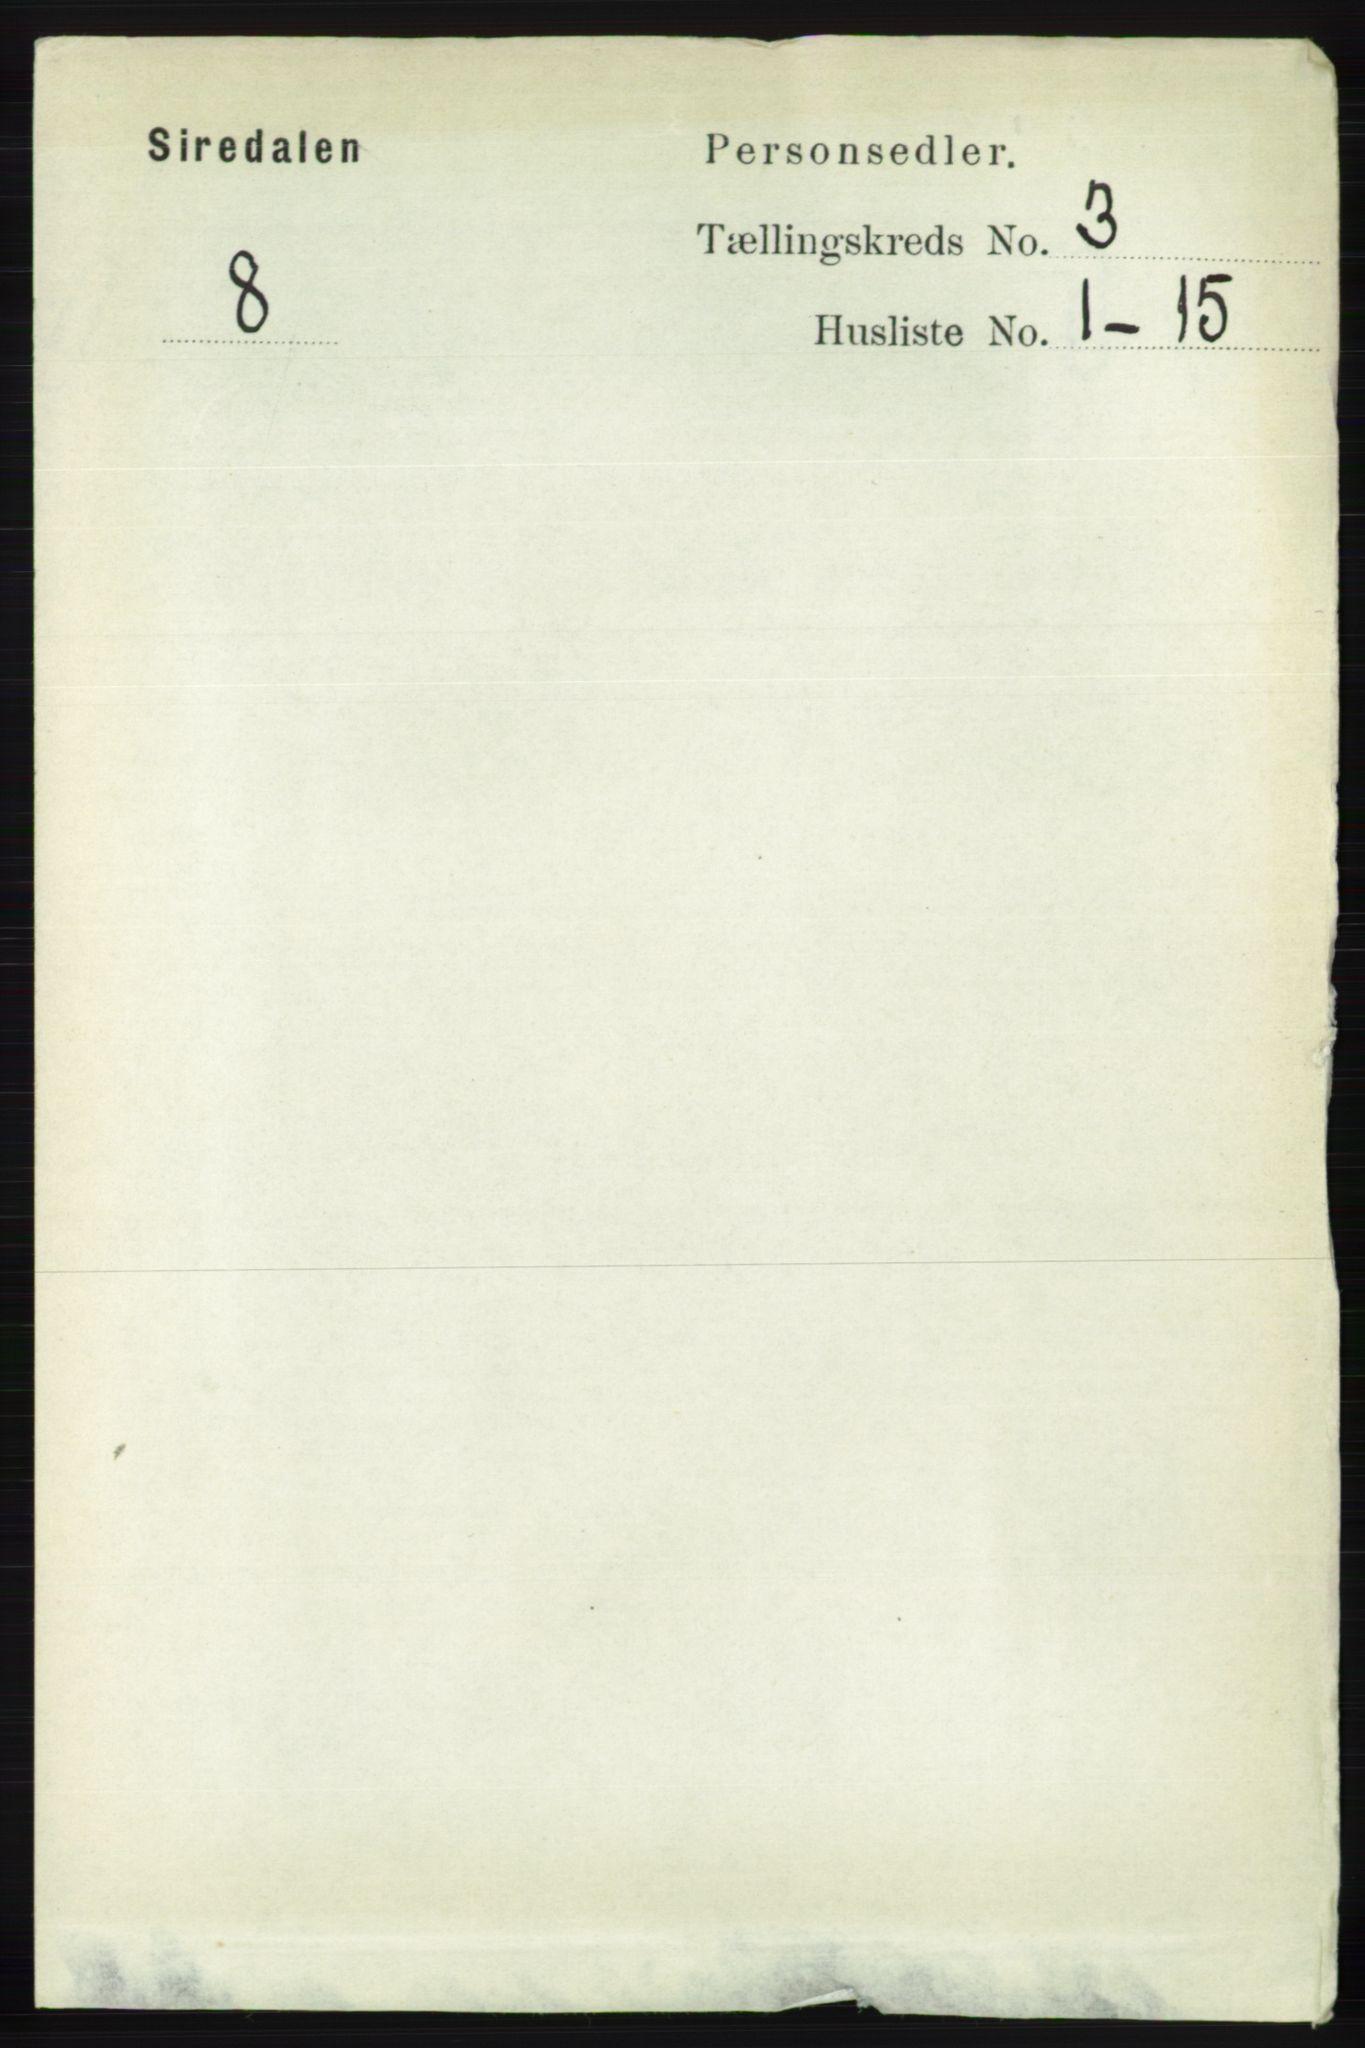 RA, Folketelling 1891 for 1046 Sirdal herred, 1891, s. 659